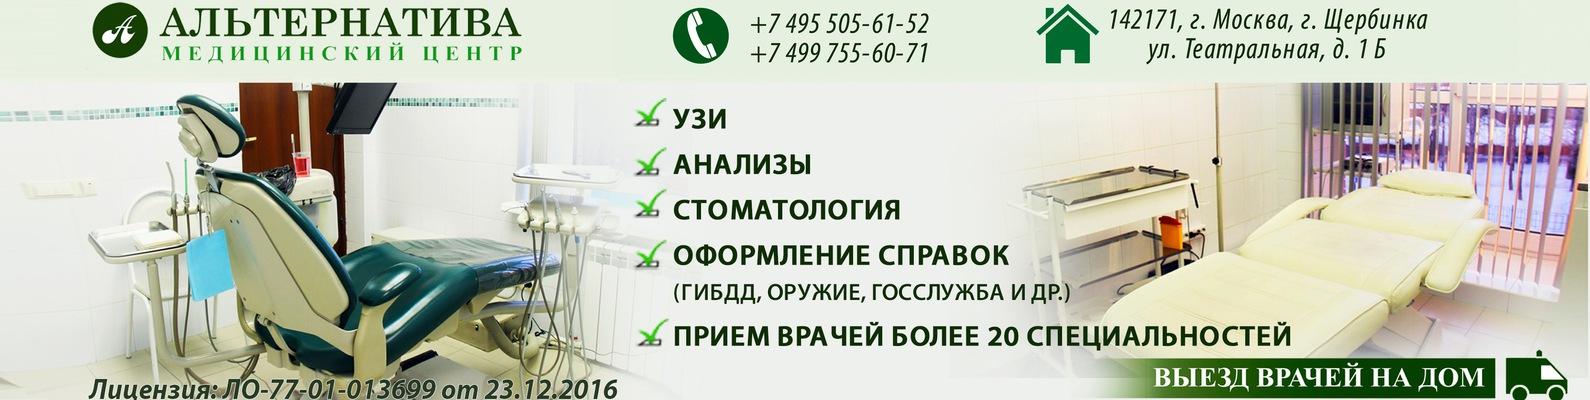 Водительская медицинская справка сделать в Щербинках